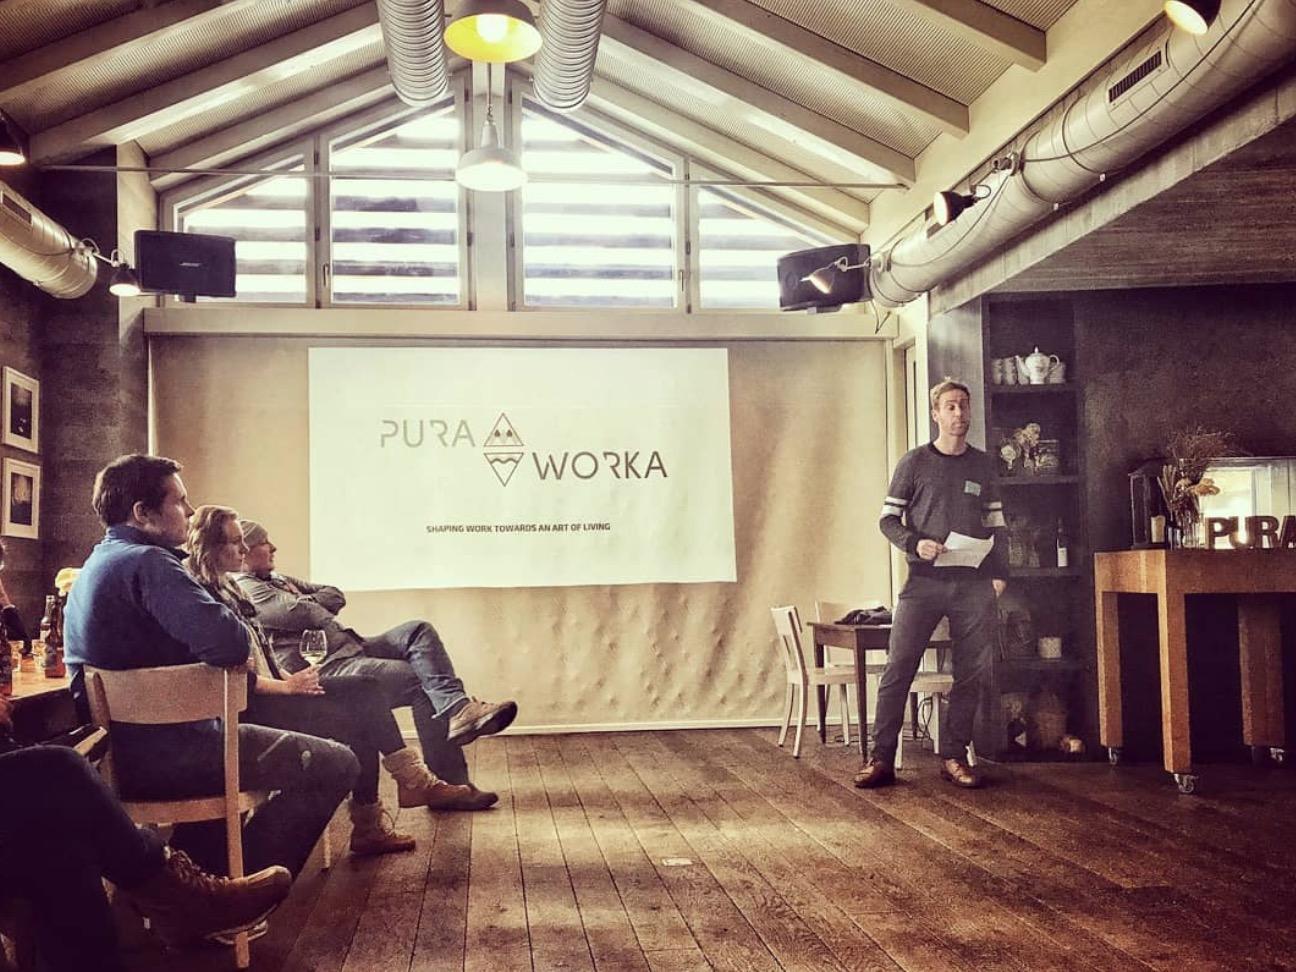 PuraWorka: Un nouveau mode de worklifestyle dans des cadres de rêve à travers le monde.